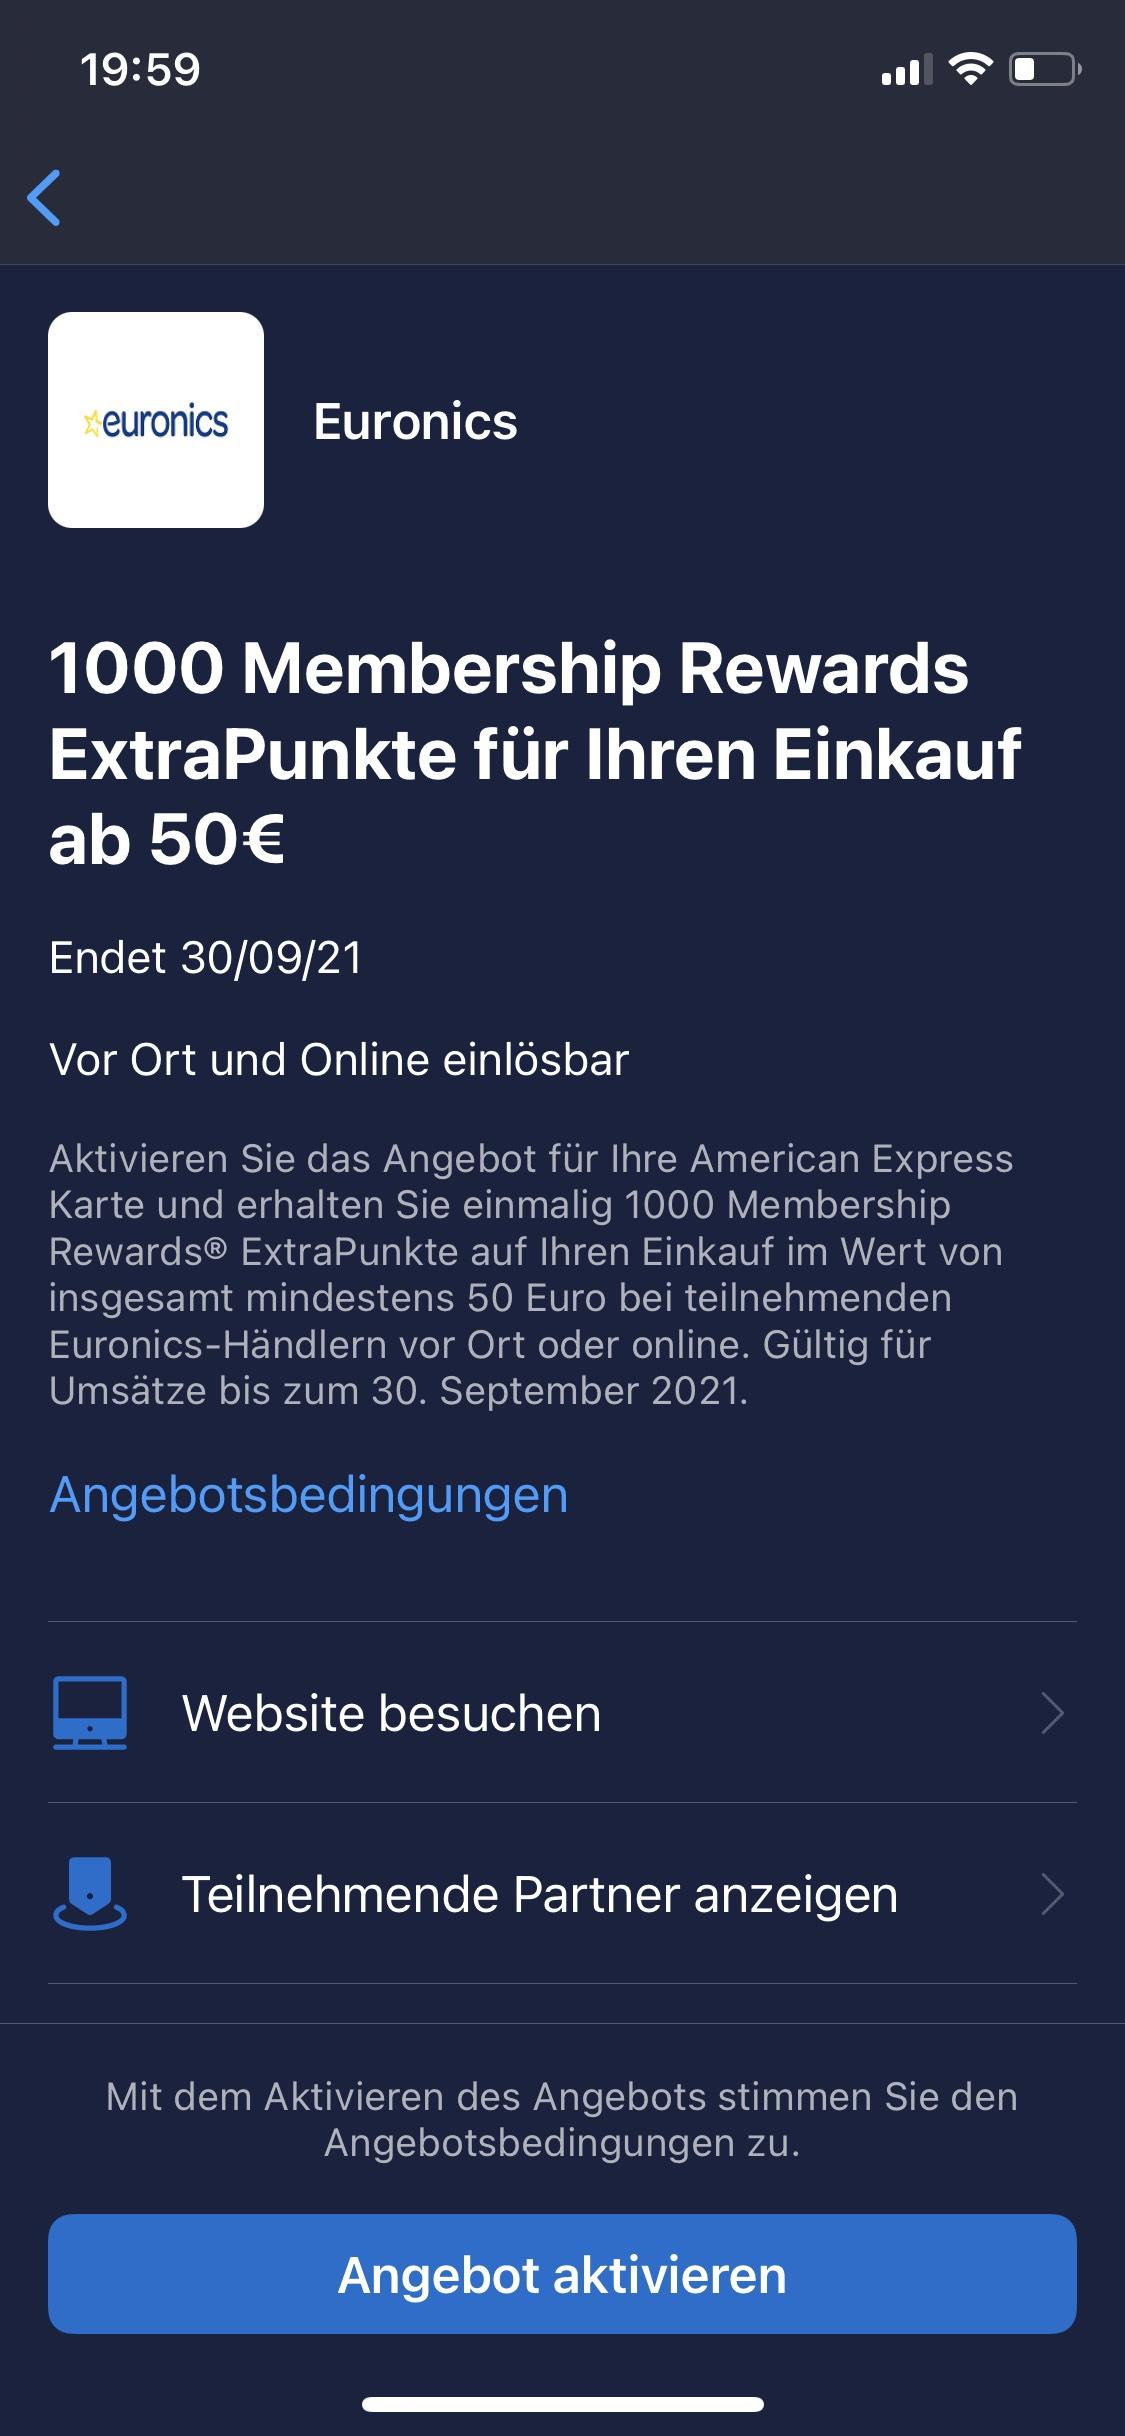 Amex Offer: 1000 zusätzliche MR-Punkte ab einem Einkauf ab 50,-€ bei Euronics (on- und offline)